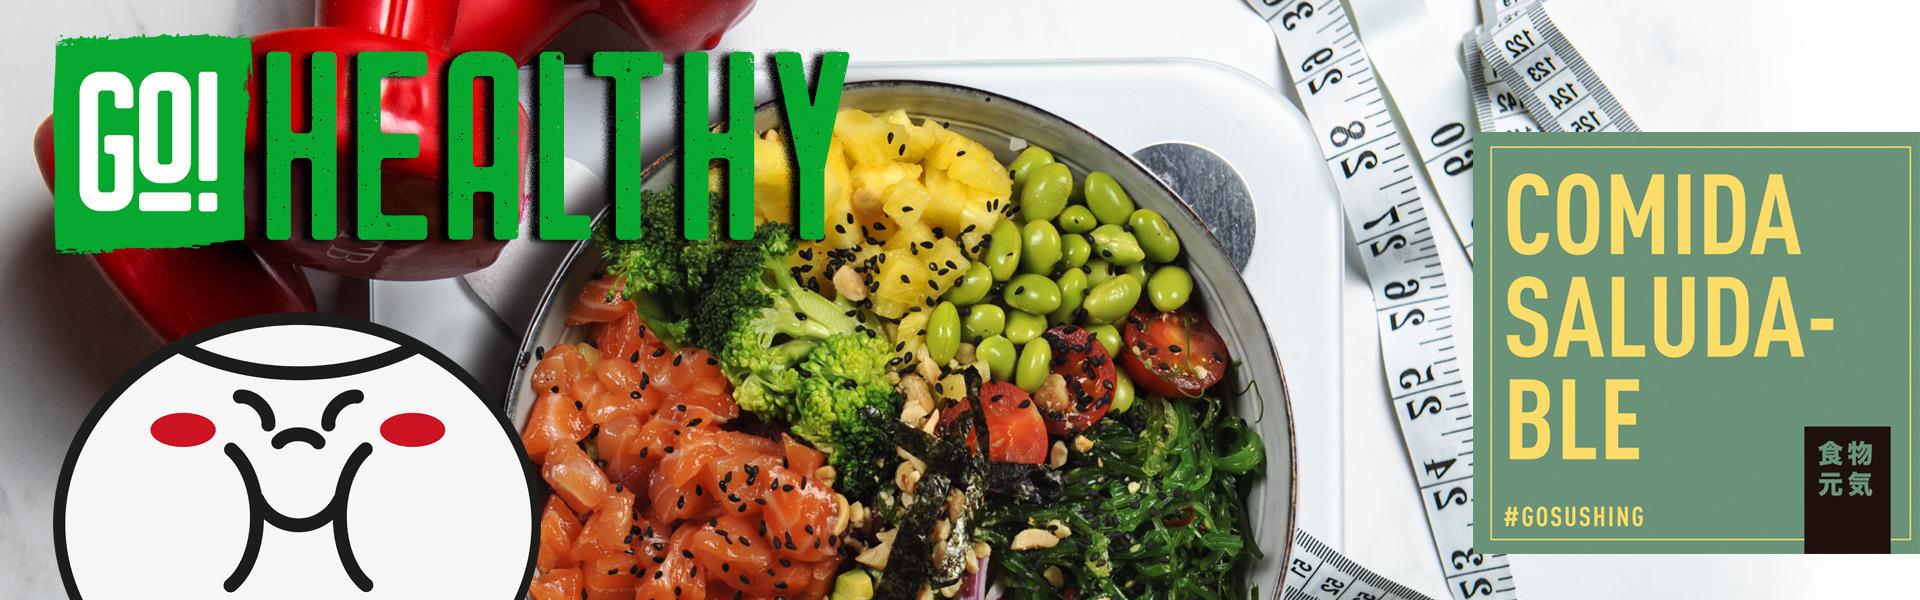 GO! Healthy